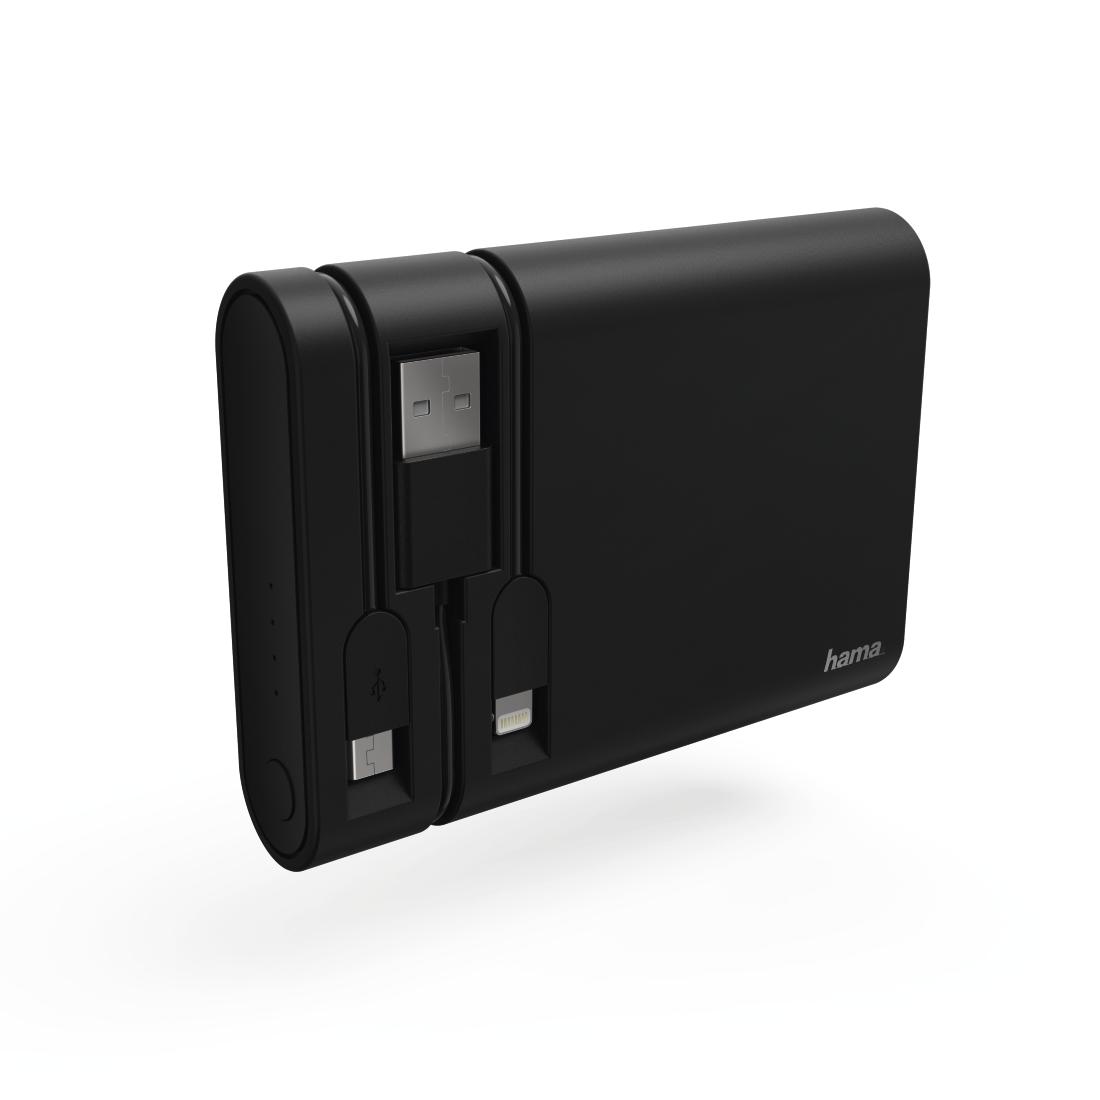 00119495 hama power pack integrierte ladekabel micro usb. Black Bedroom Furniture Sets. Home Design Ideas